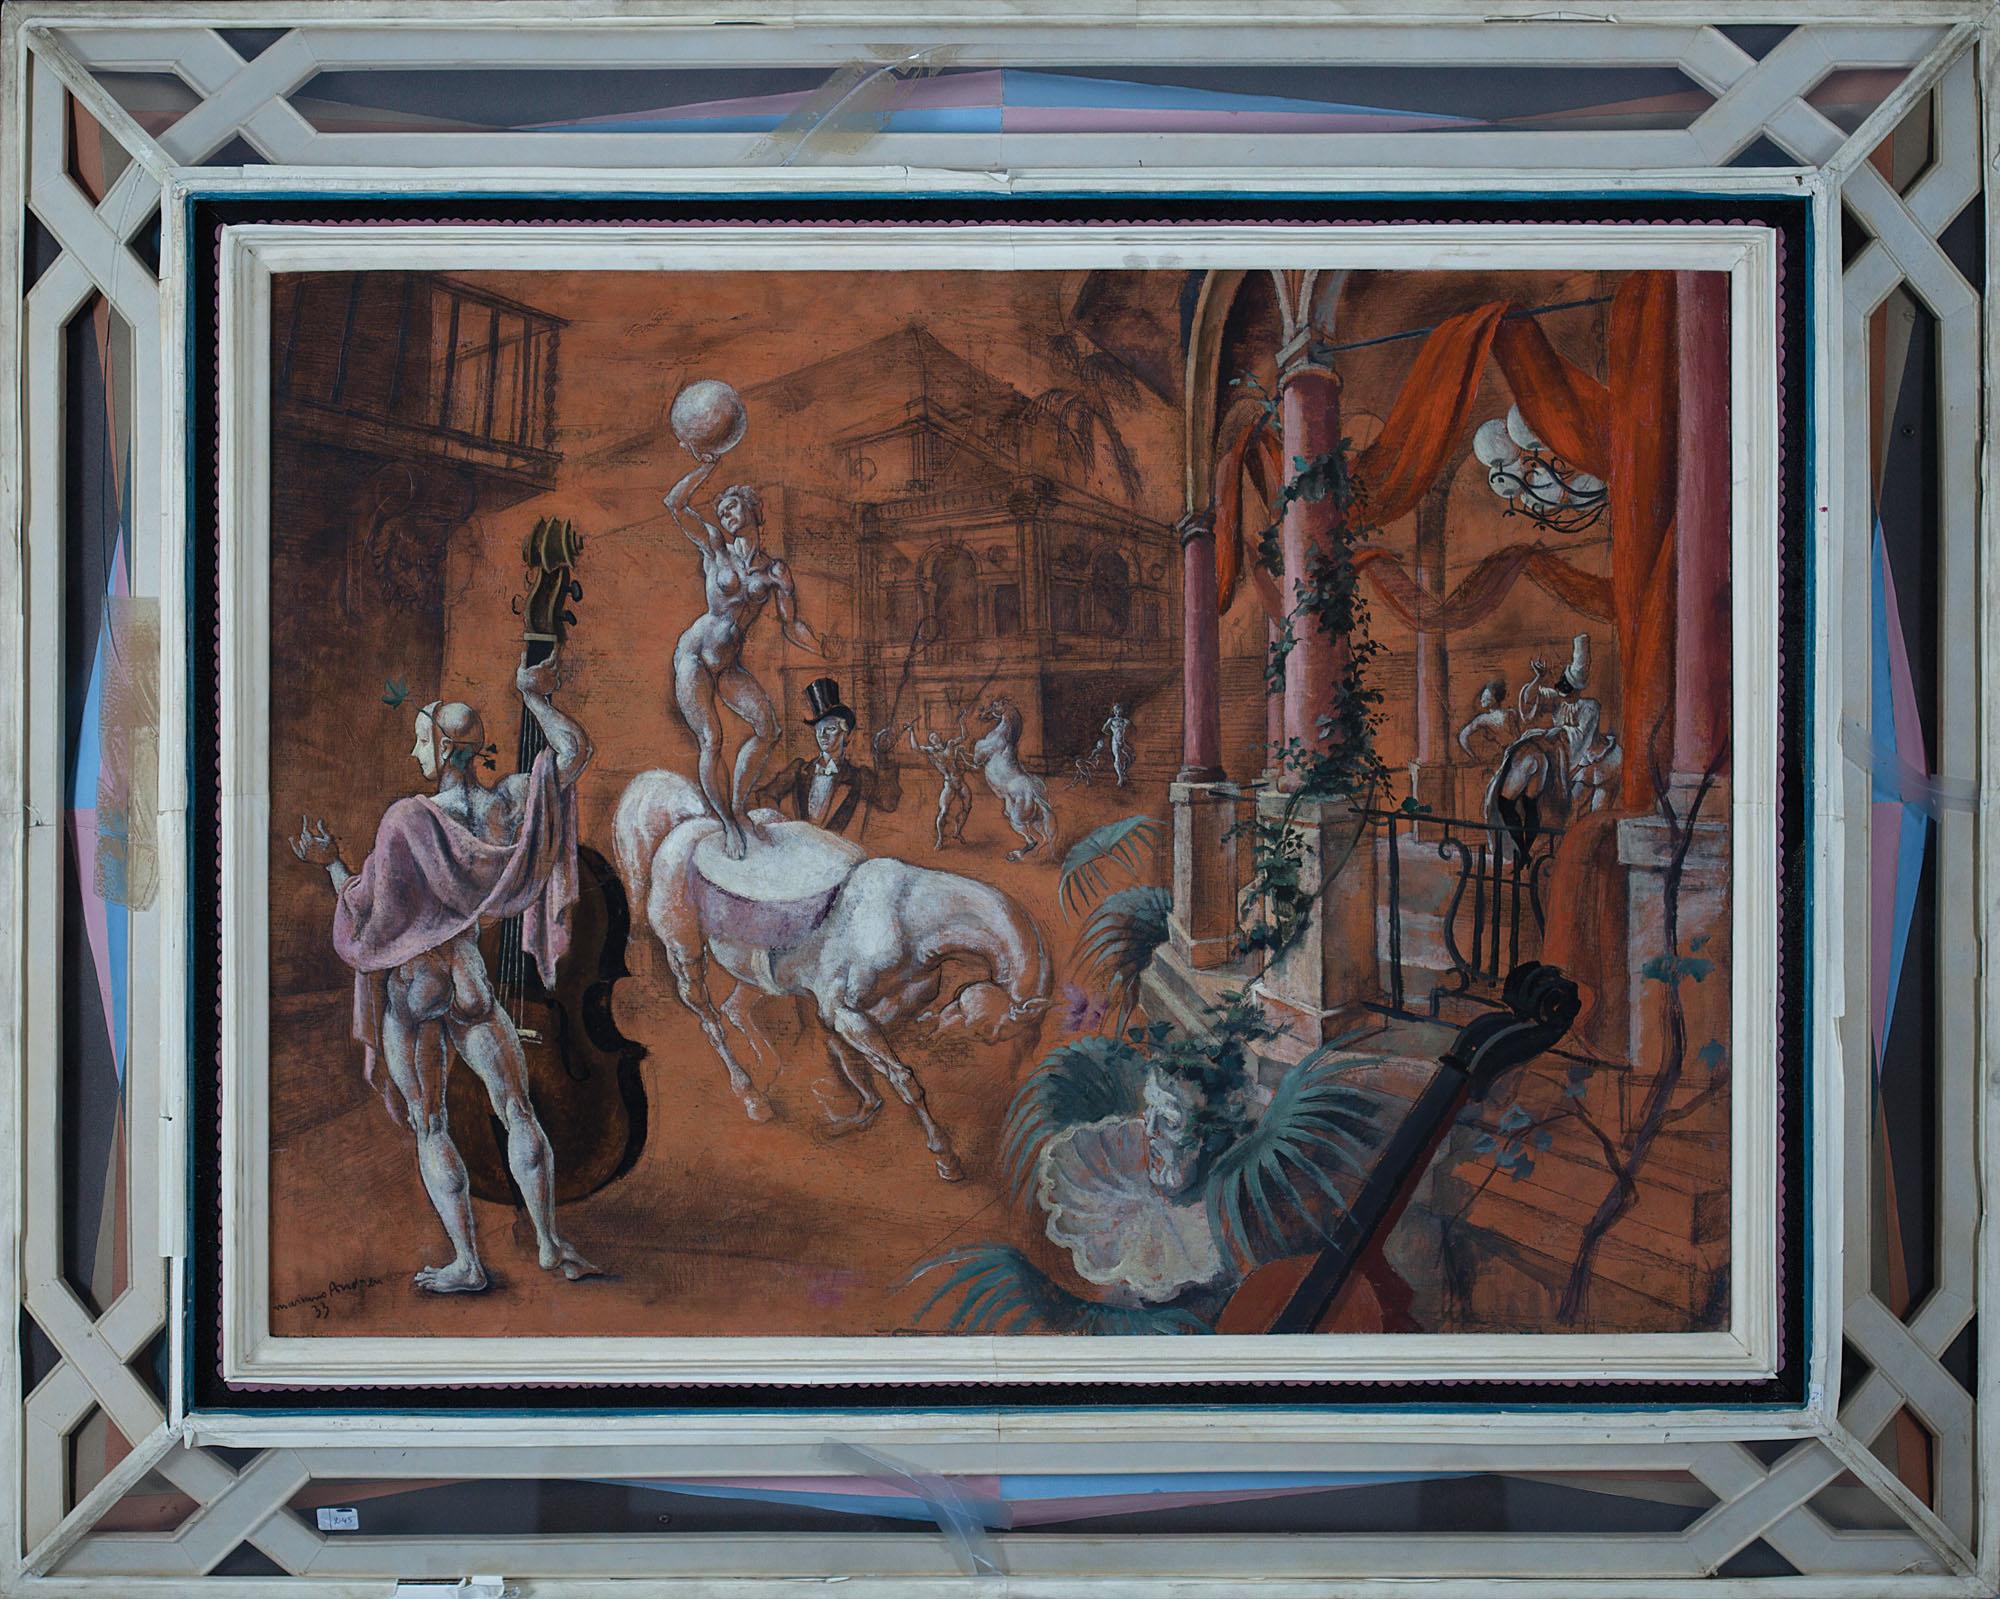 Mariano-Andreu-Escena-de-circo-1933